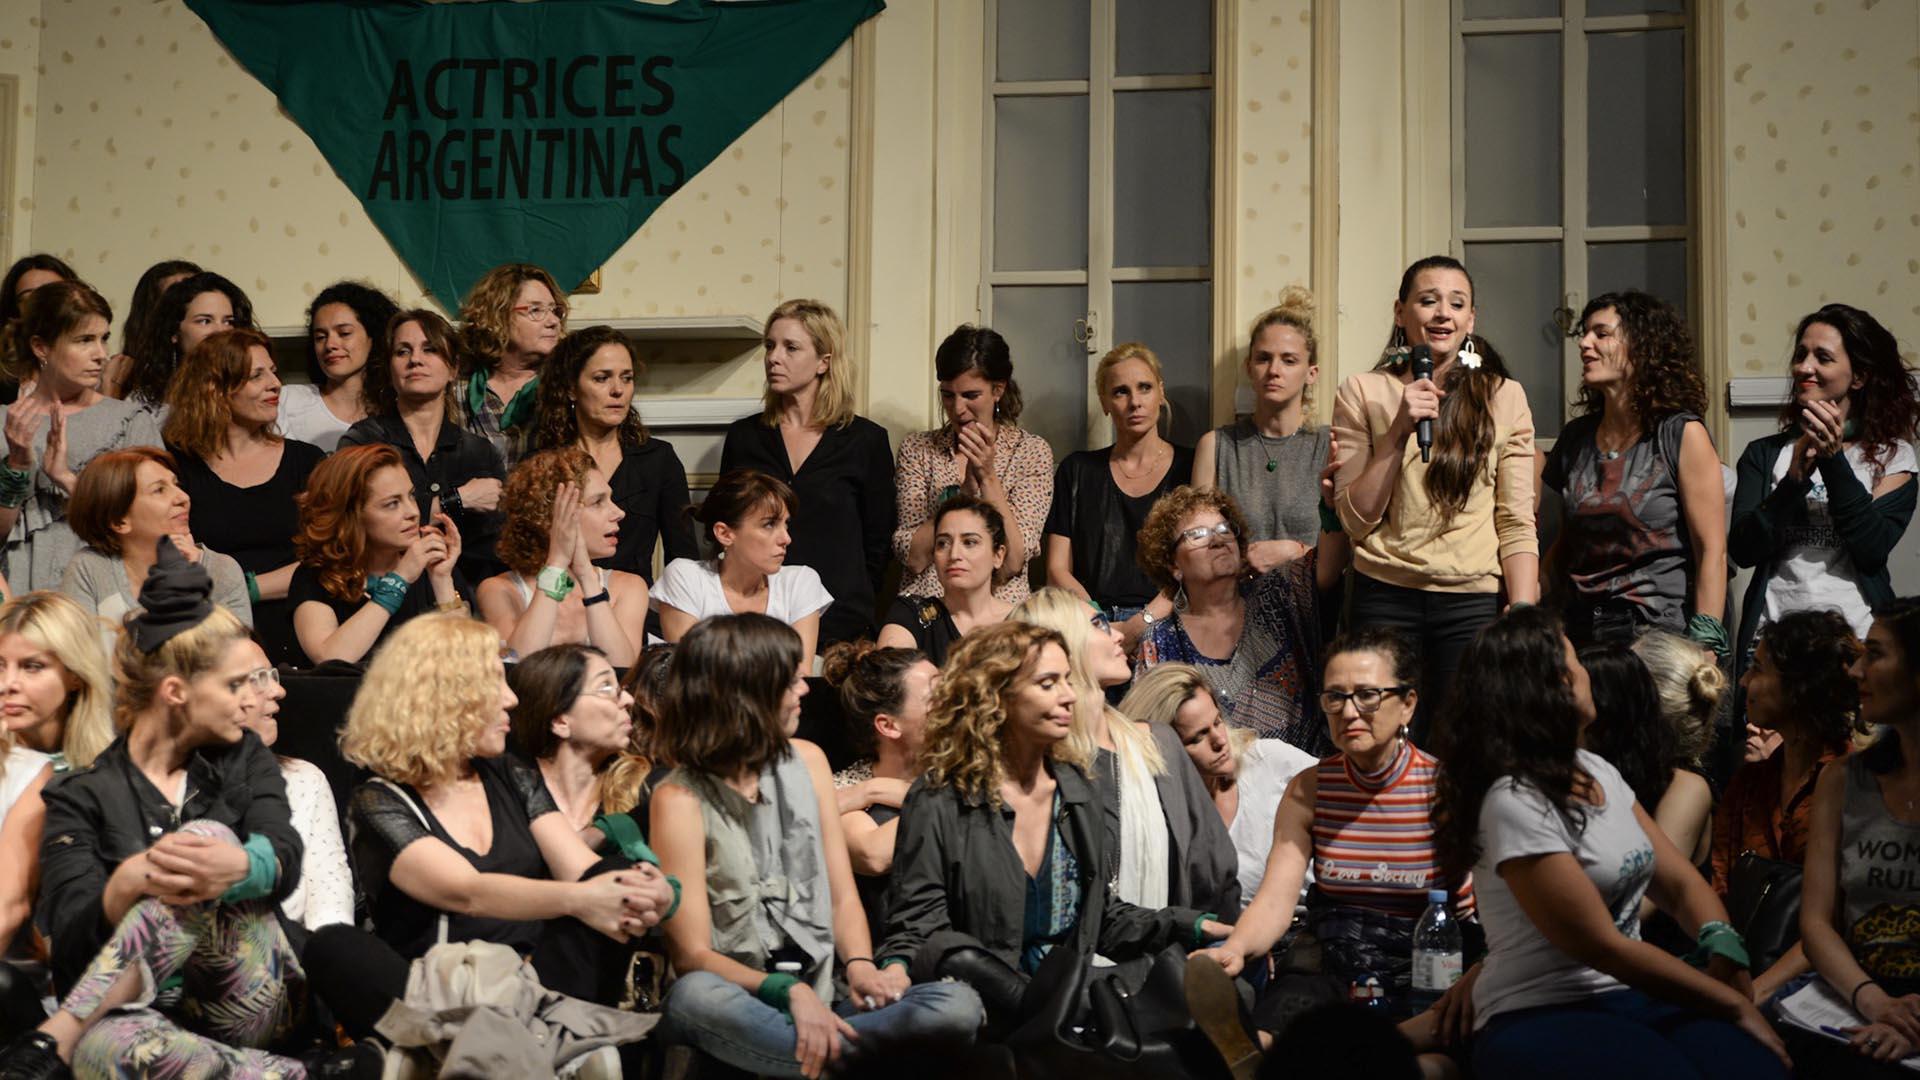 Sobre el escenario del Multiteatro, las actrices le agradecieron a Carlos Rottemberg, quien cedió el espacio para la conferencia